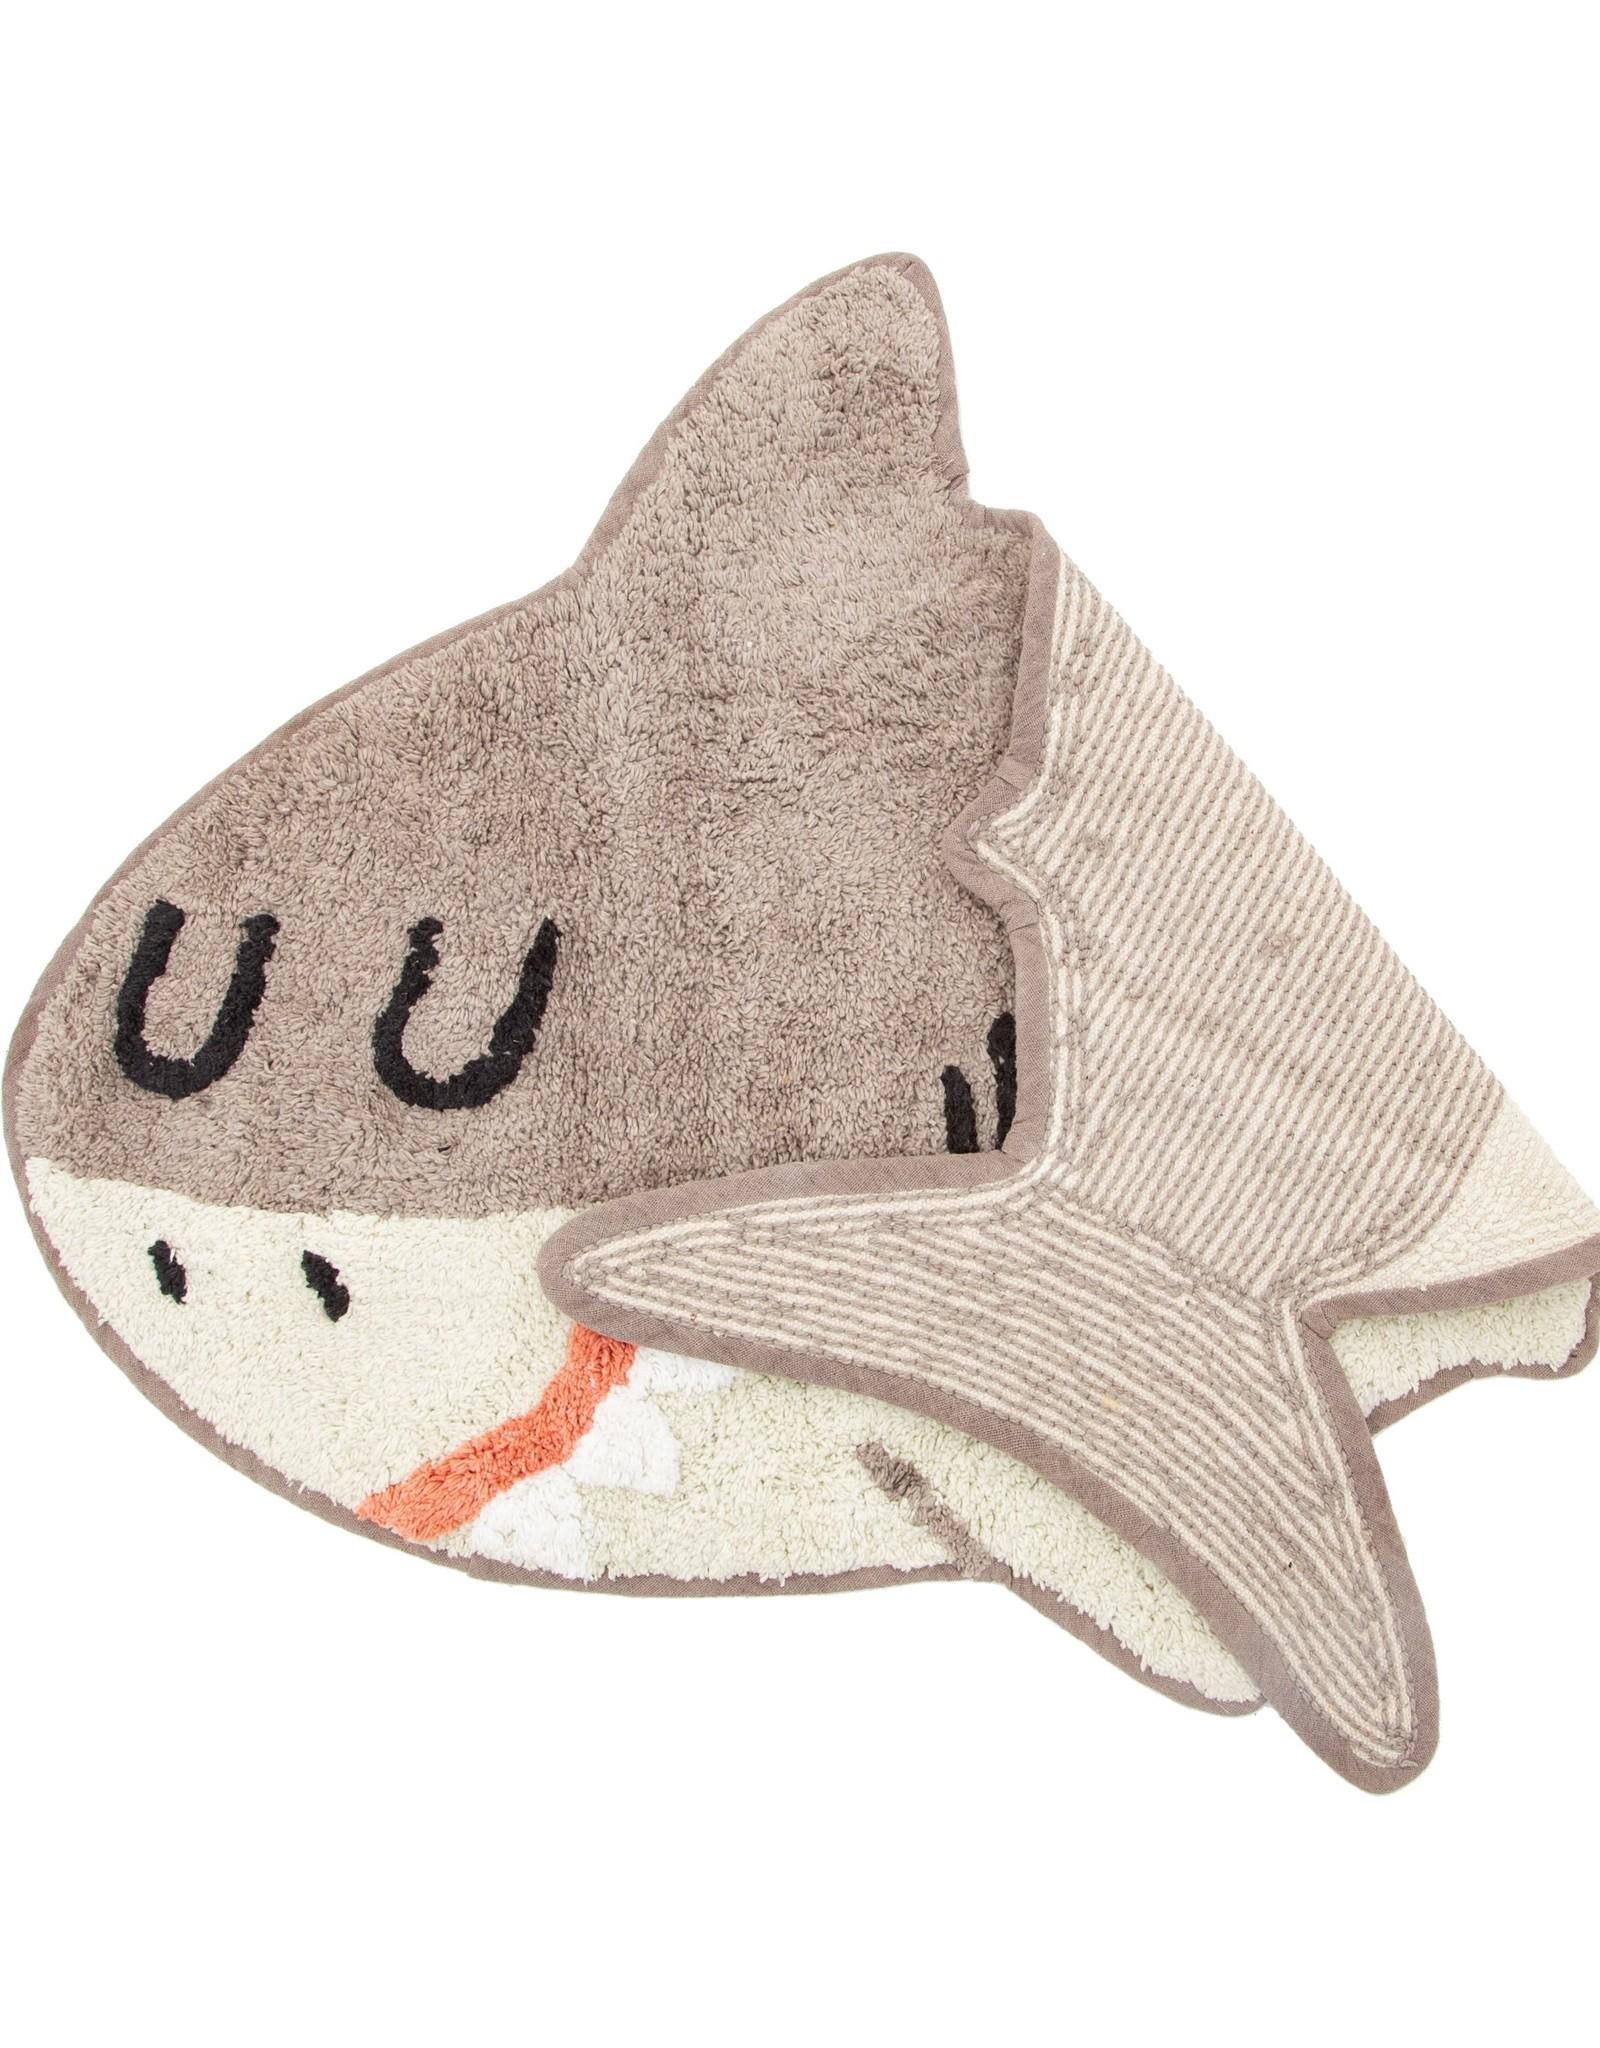 Vloerkleed - Shelby the Shark